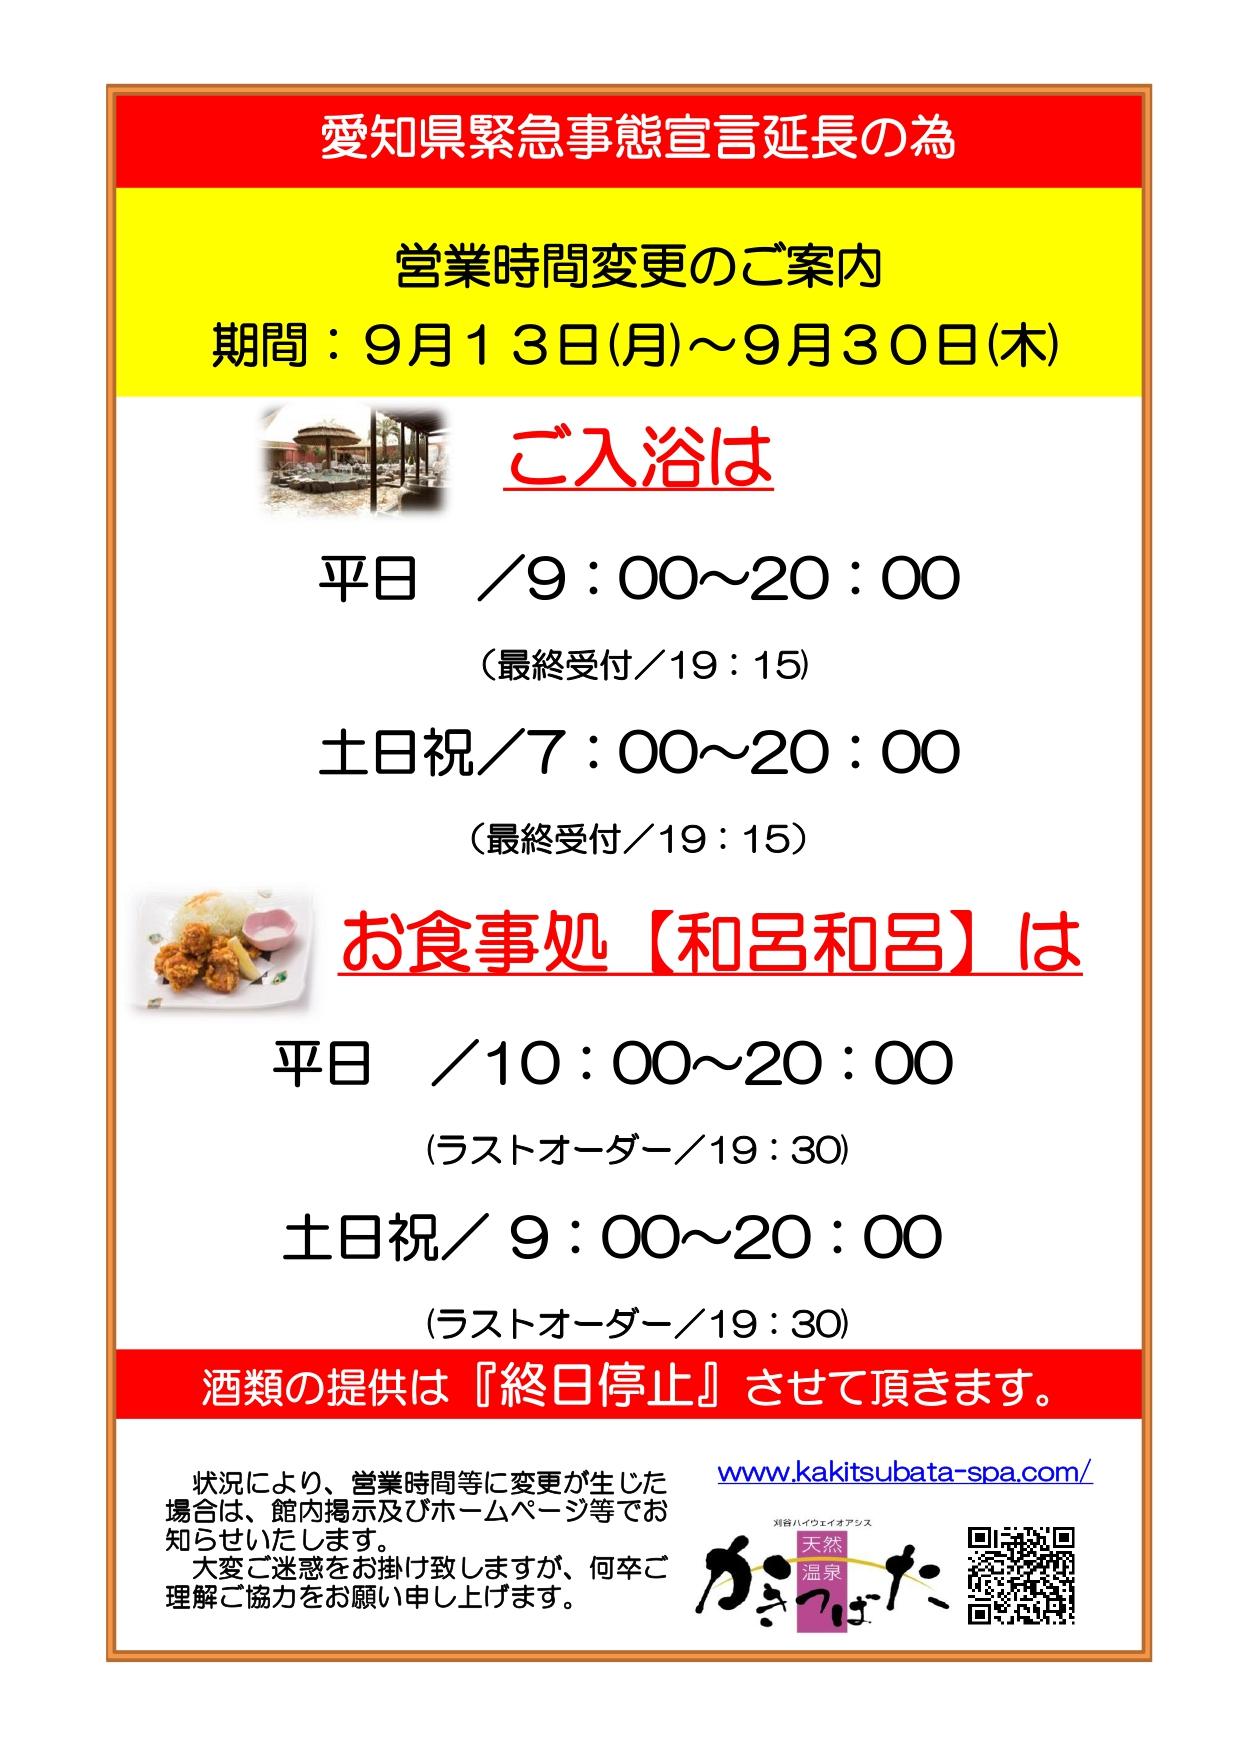 9月13日(月)~30日(木)の営業時間のお知らせ。【緊急事態宣言延長のため】